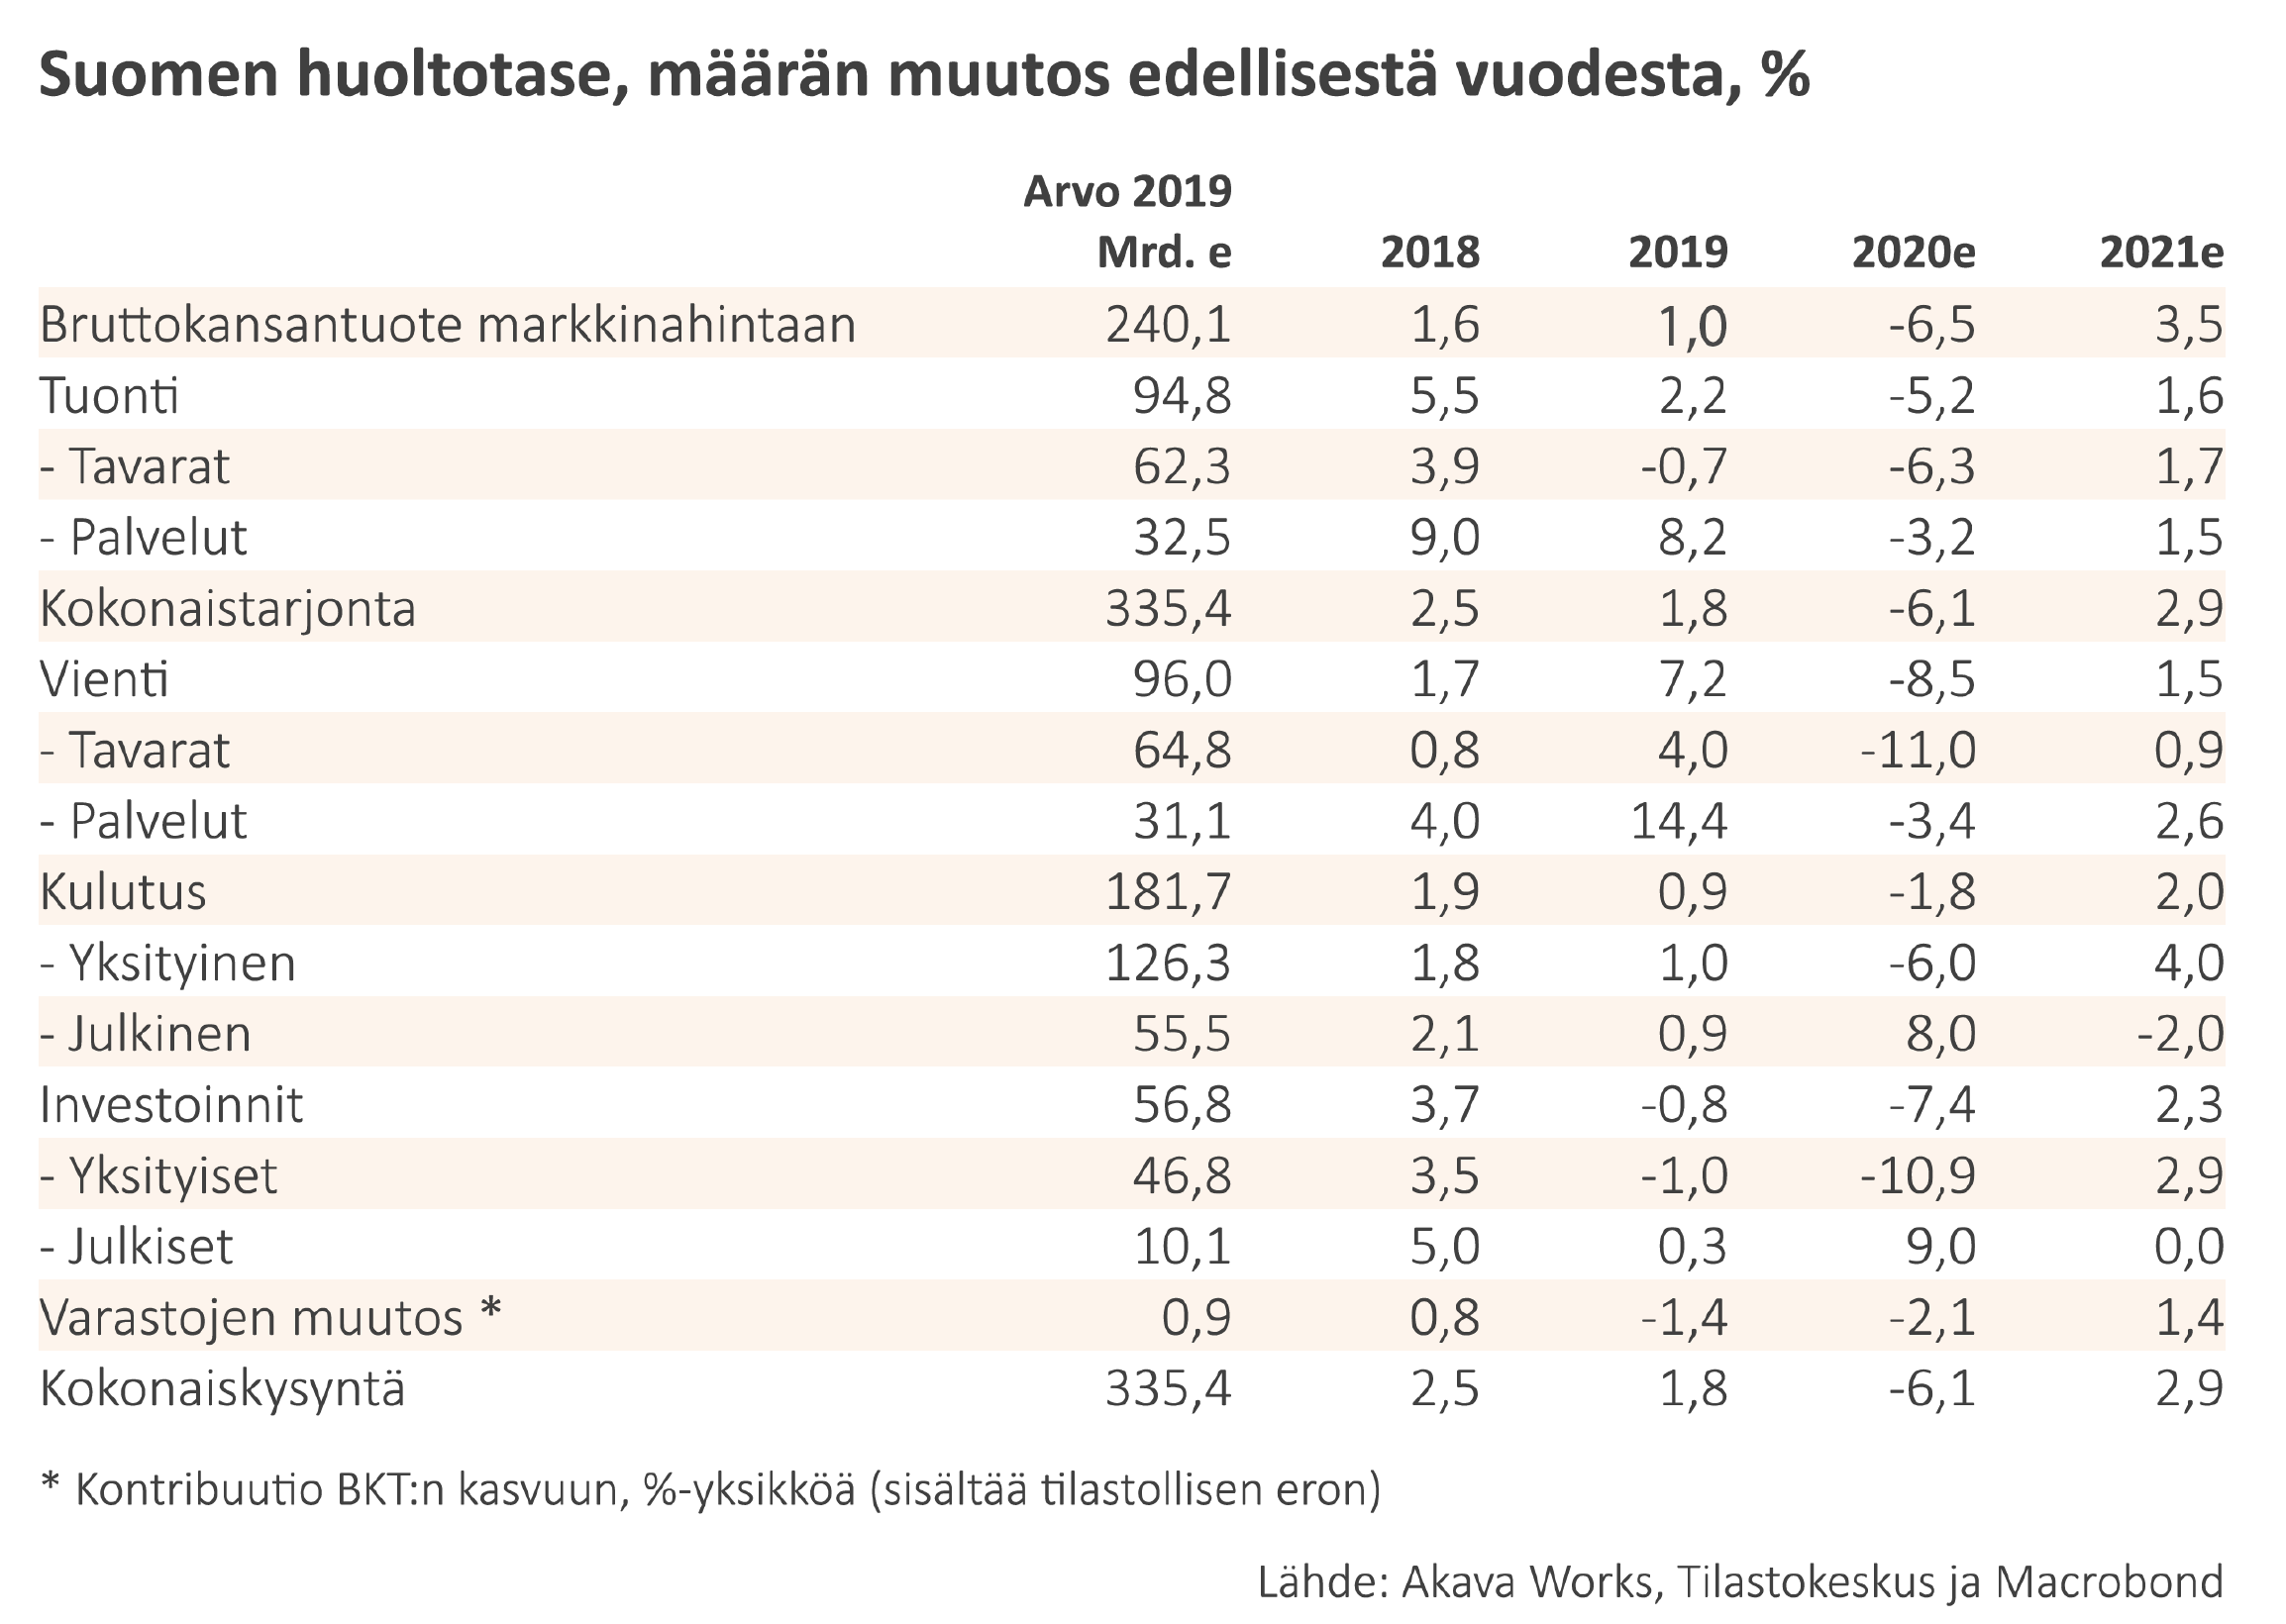 01 Suomen huoltotase, määrän muutos edellisestä vuodesta